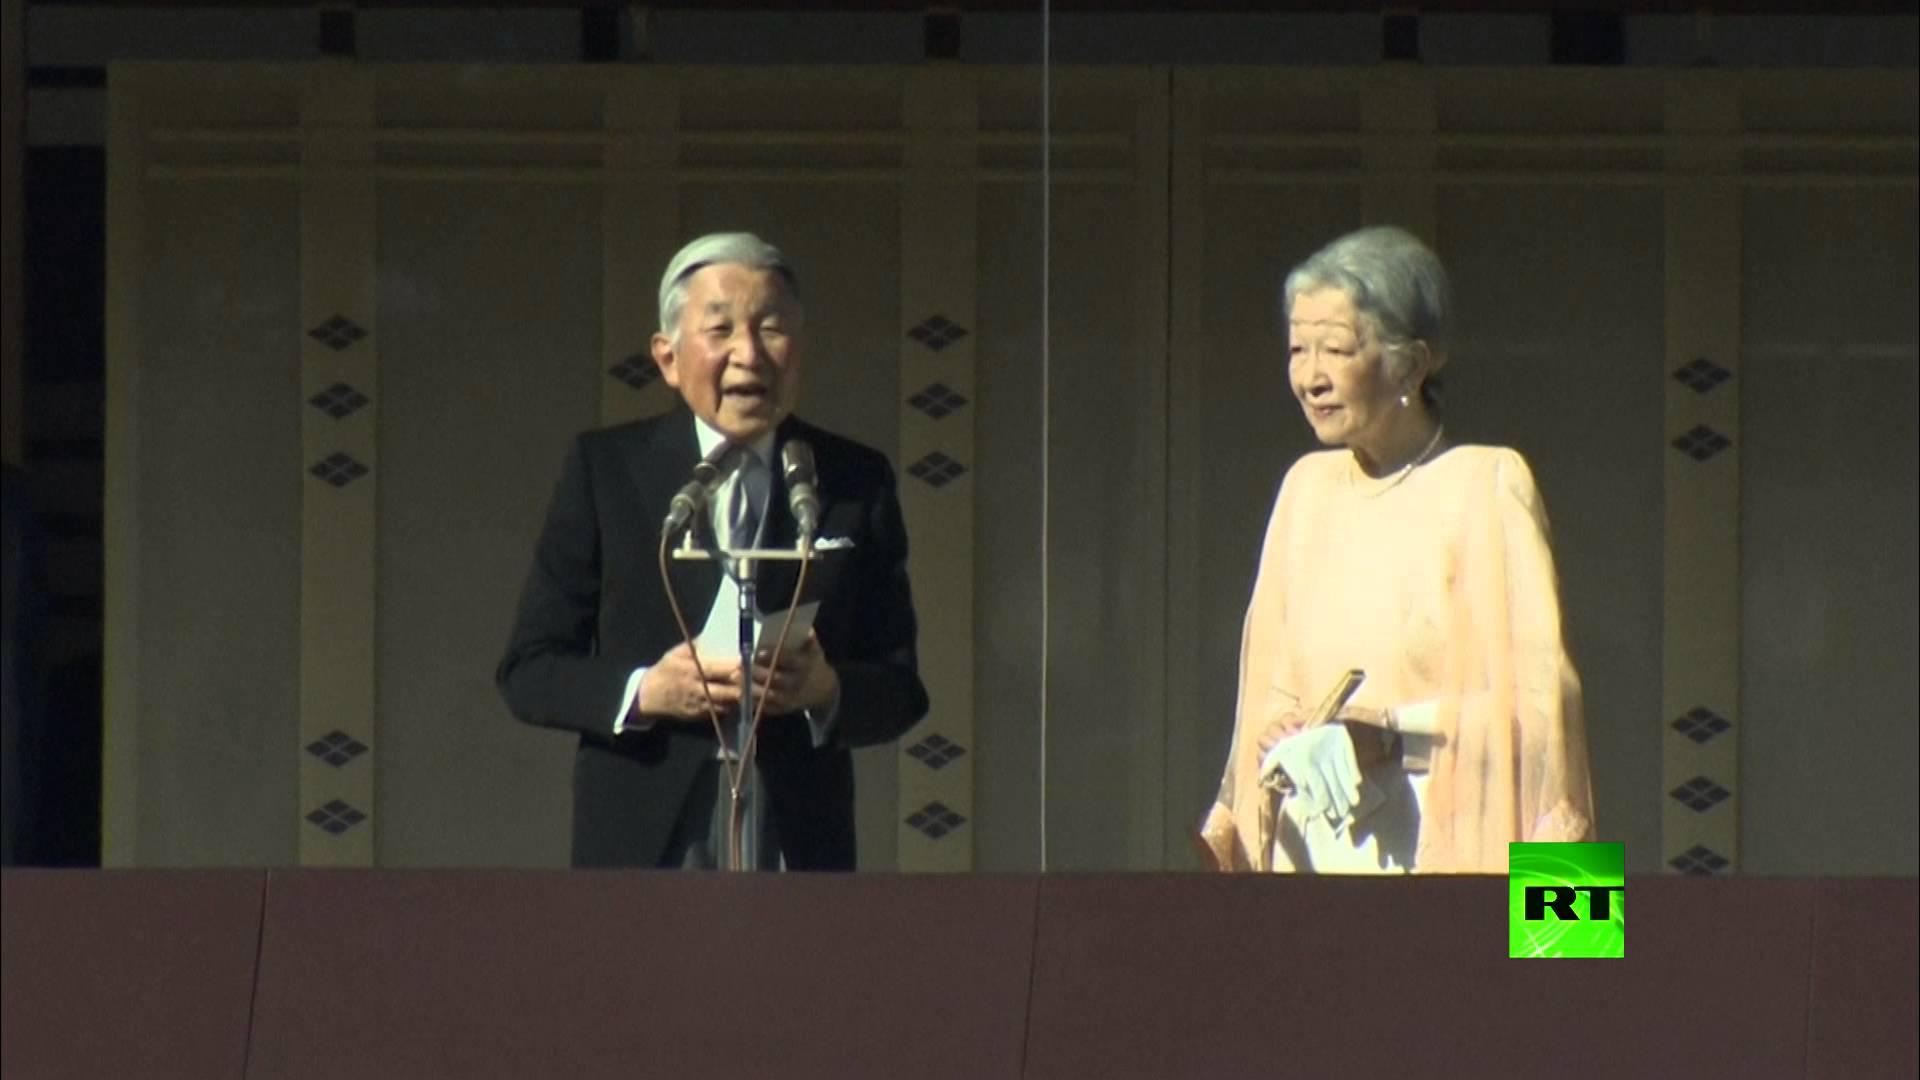 إمبراطور اليابان يحي شعبه بمناسبة عيد رأس السنة